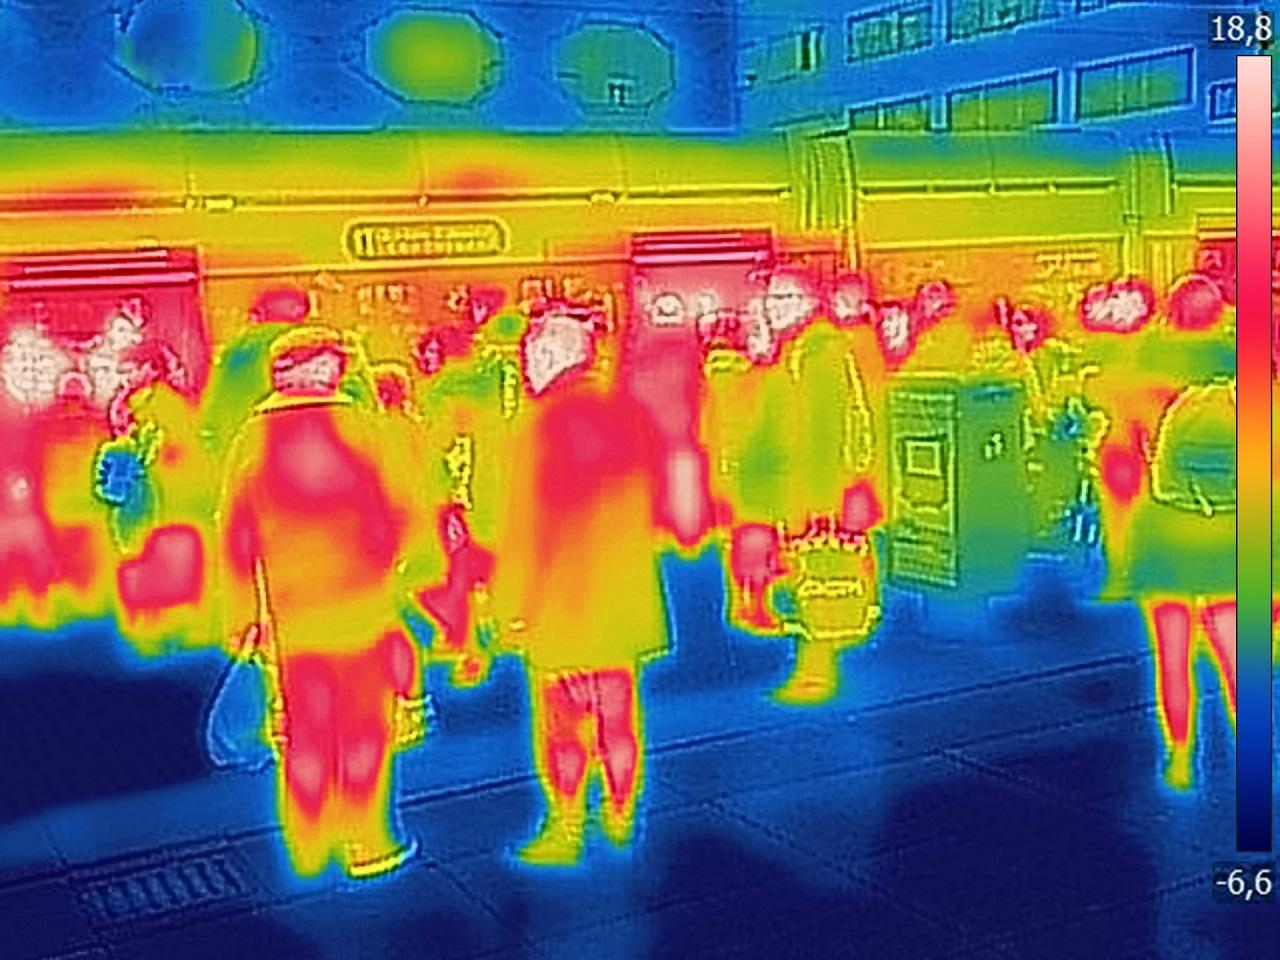 Ma már a hőtérképpel vizsgálódó biztonsági kamerák is képesek lehetnek betegségek kiszűrésére.